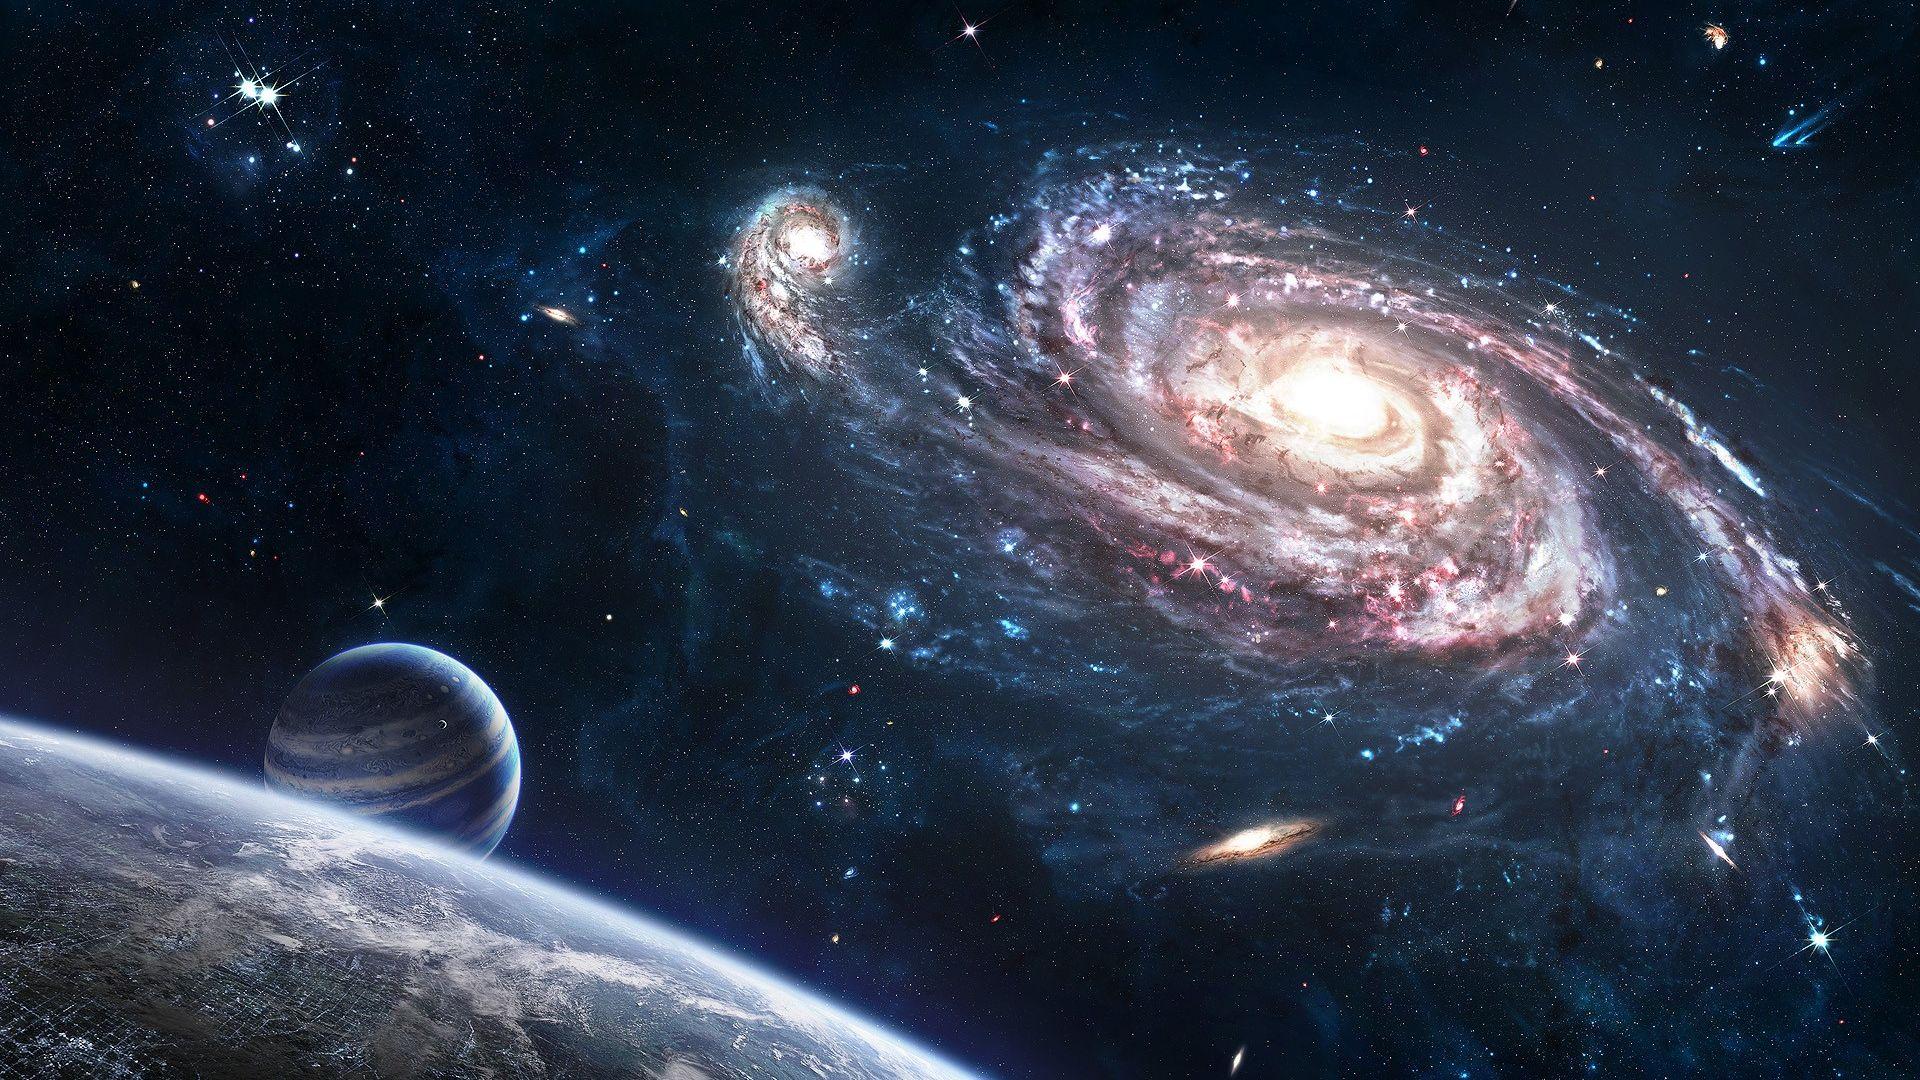 O ρόλος της χημείας στη δομή του Σύμπαντος